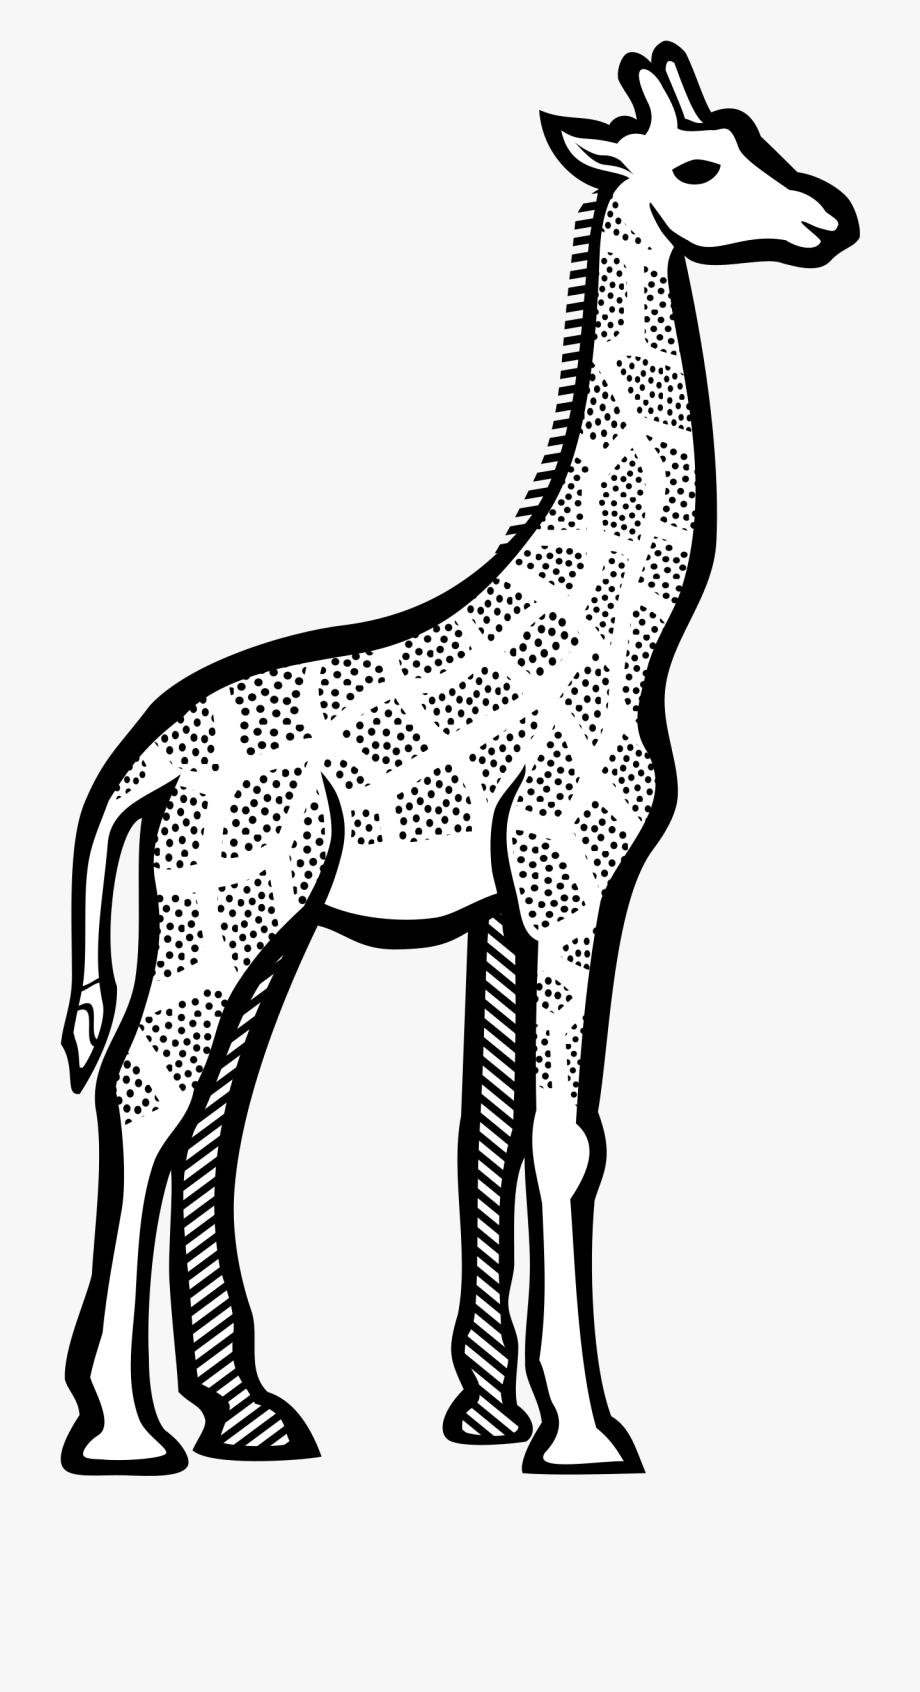 Lineart big cliparts cartoons. Giraffe clipart line art